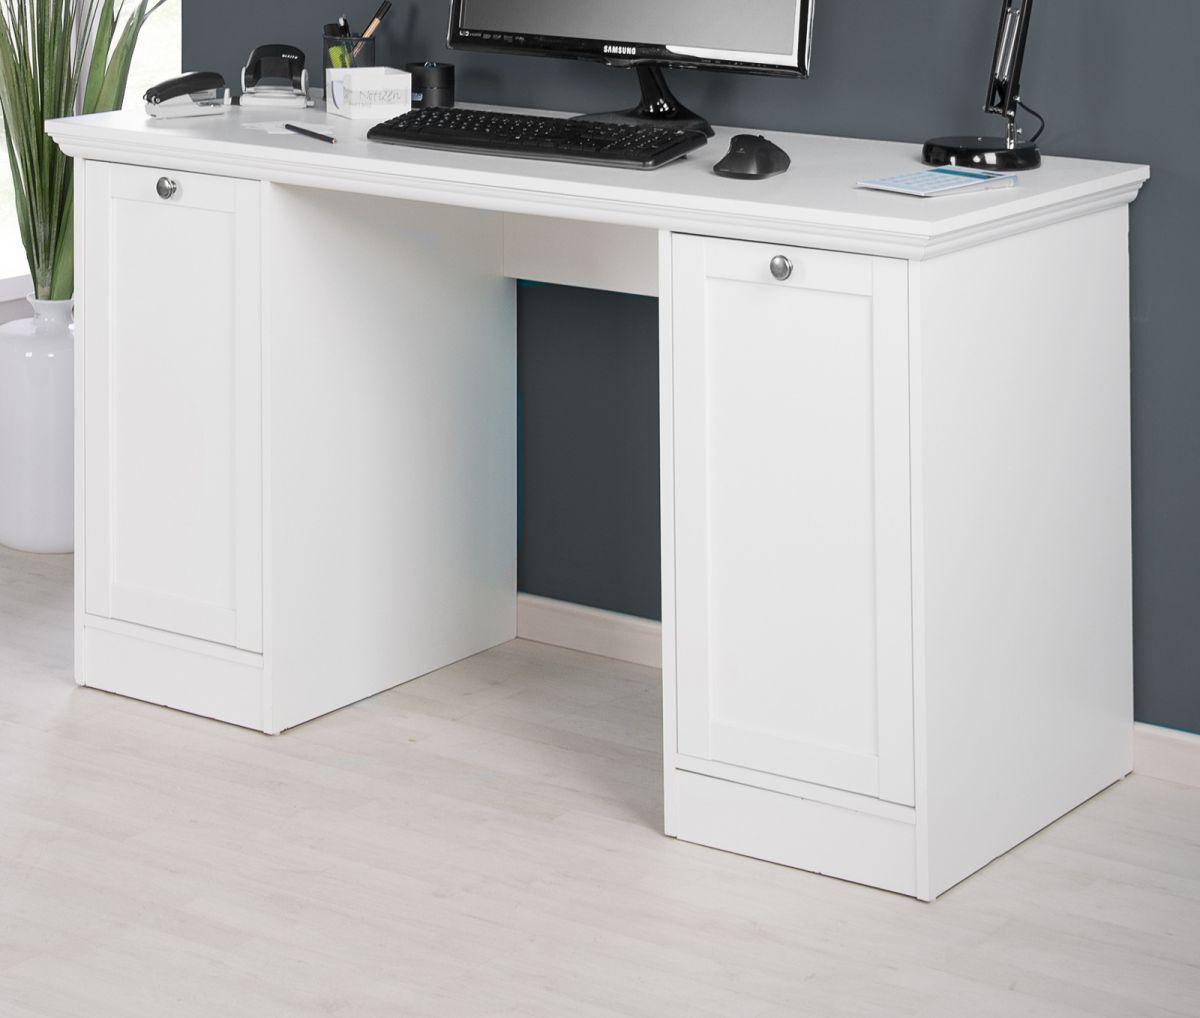 Schreibtisch Landwood weiss 135 x 63 cm